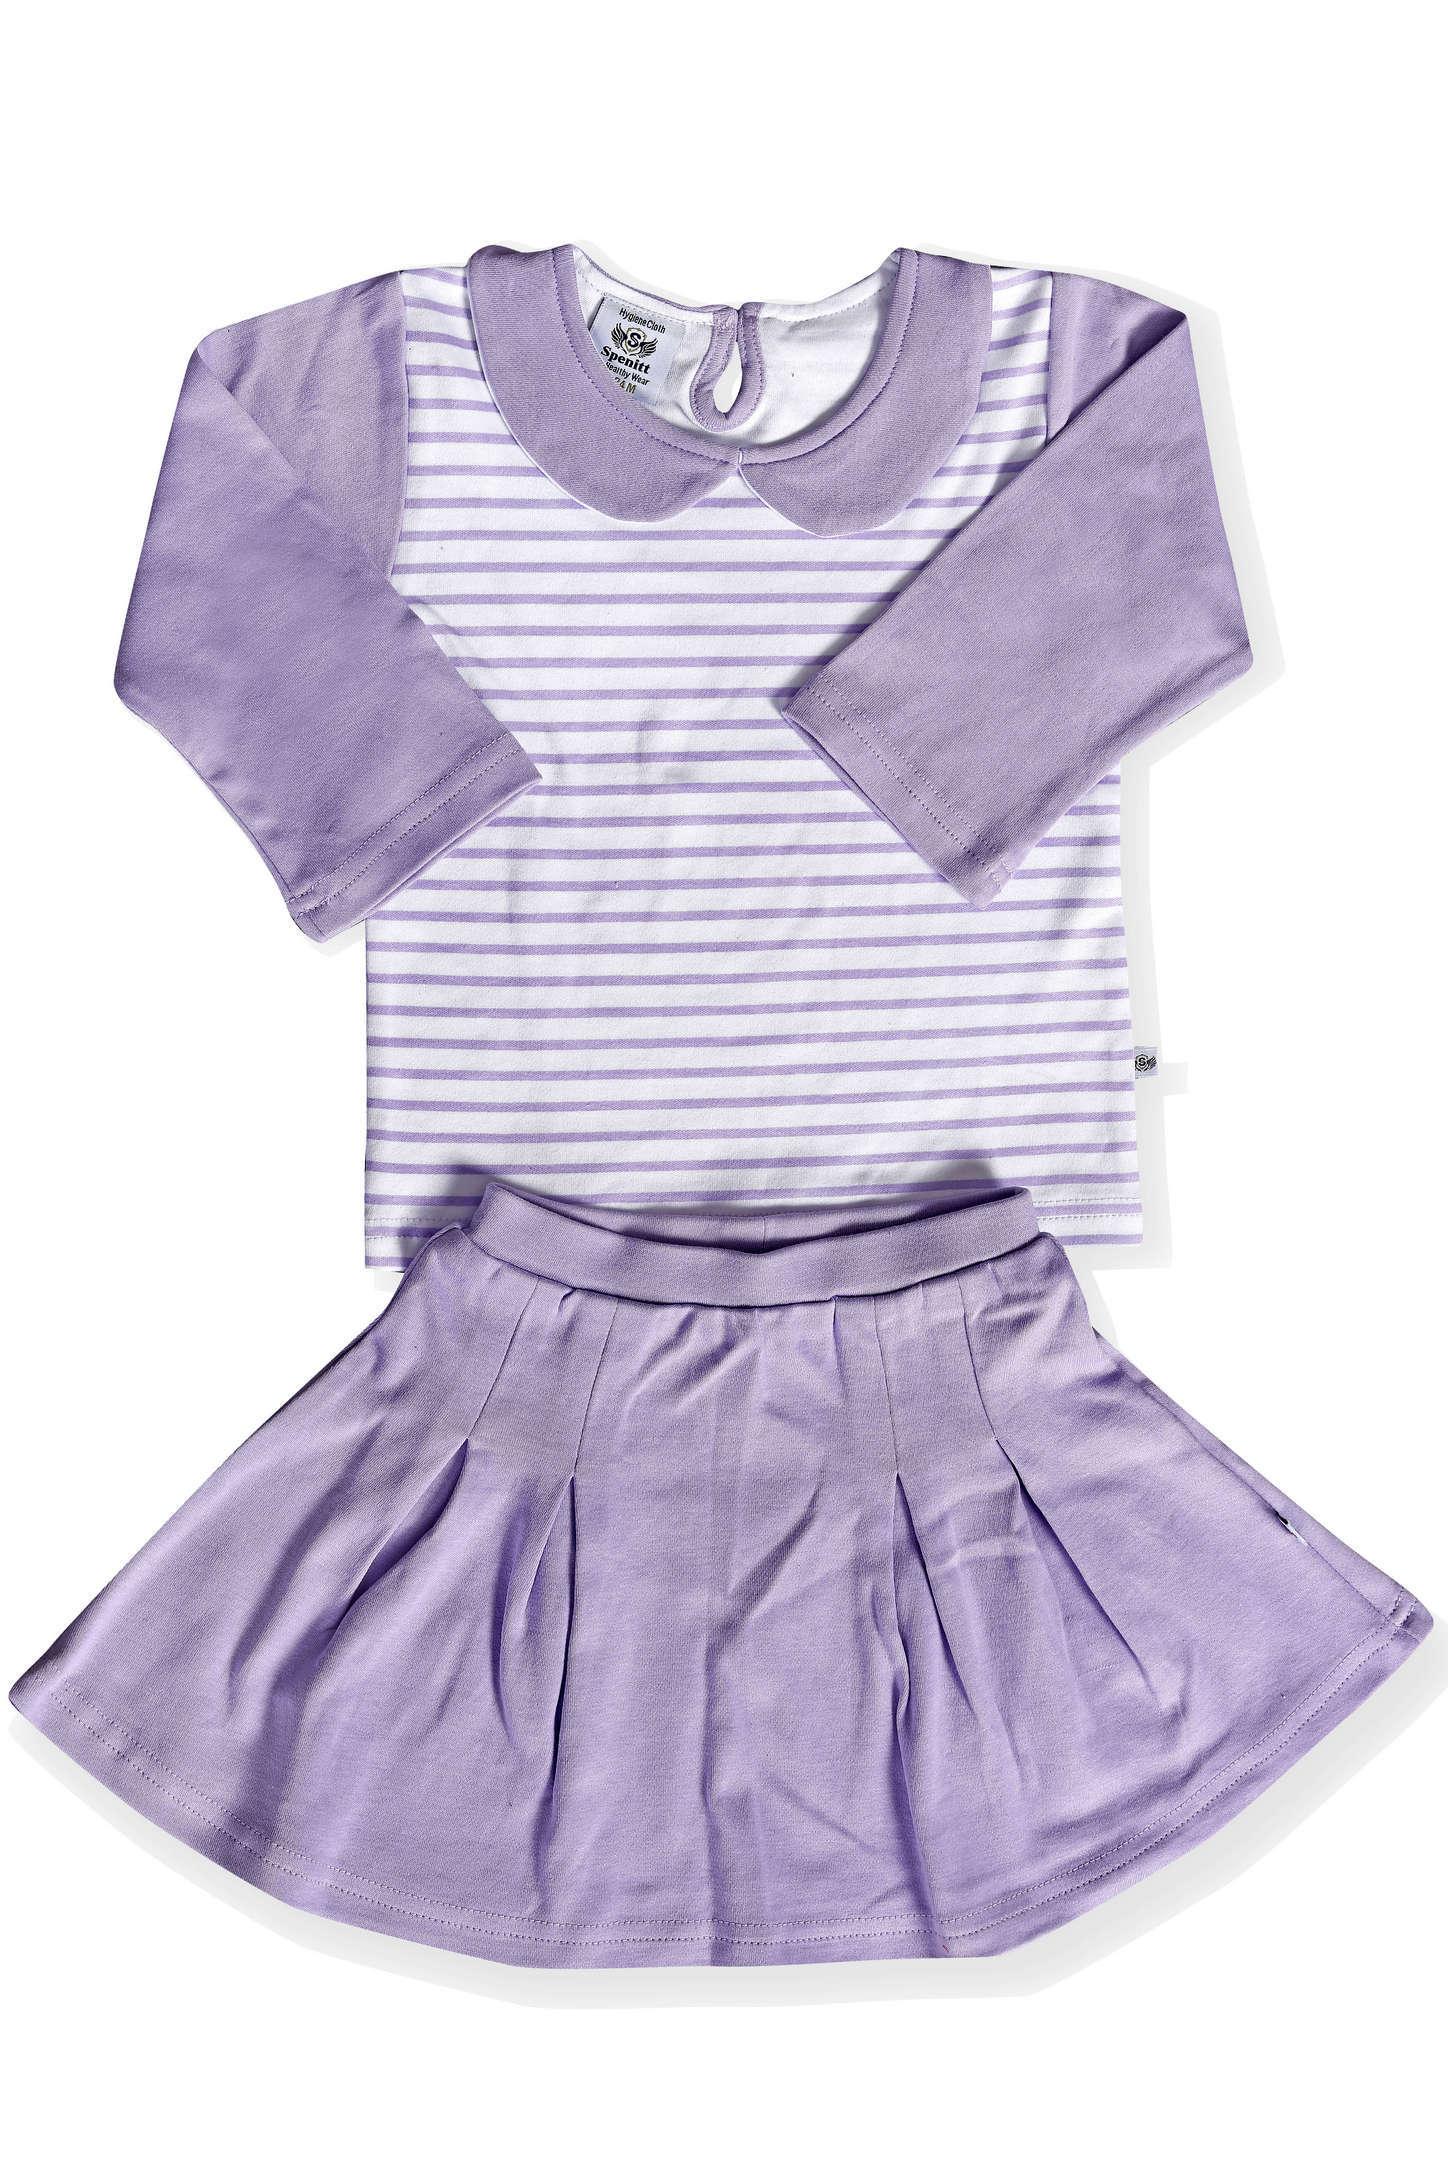 Designer Full Sleeve Top And Skirt